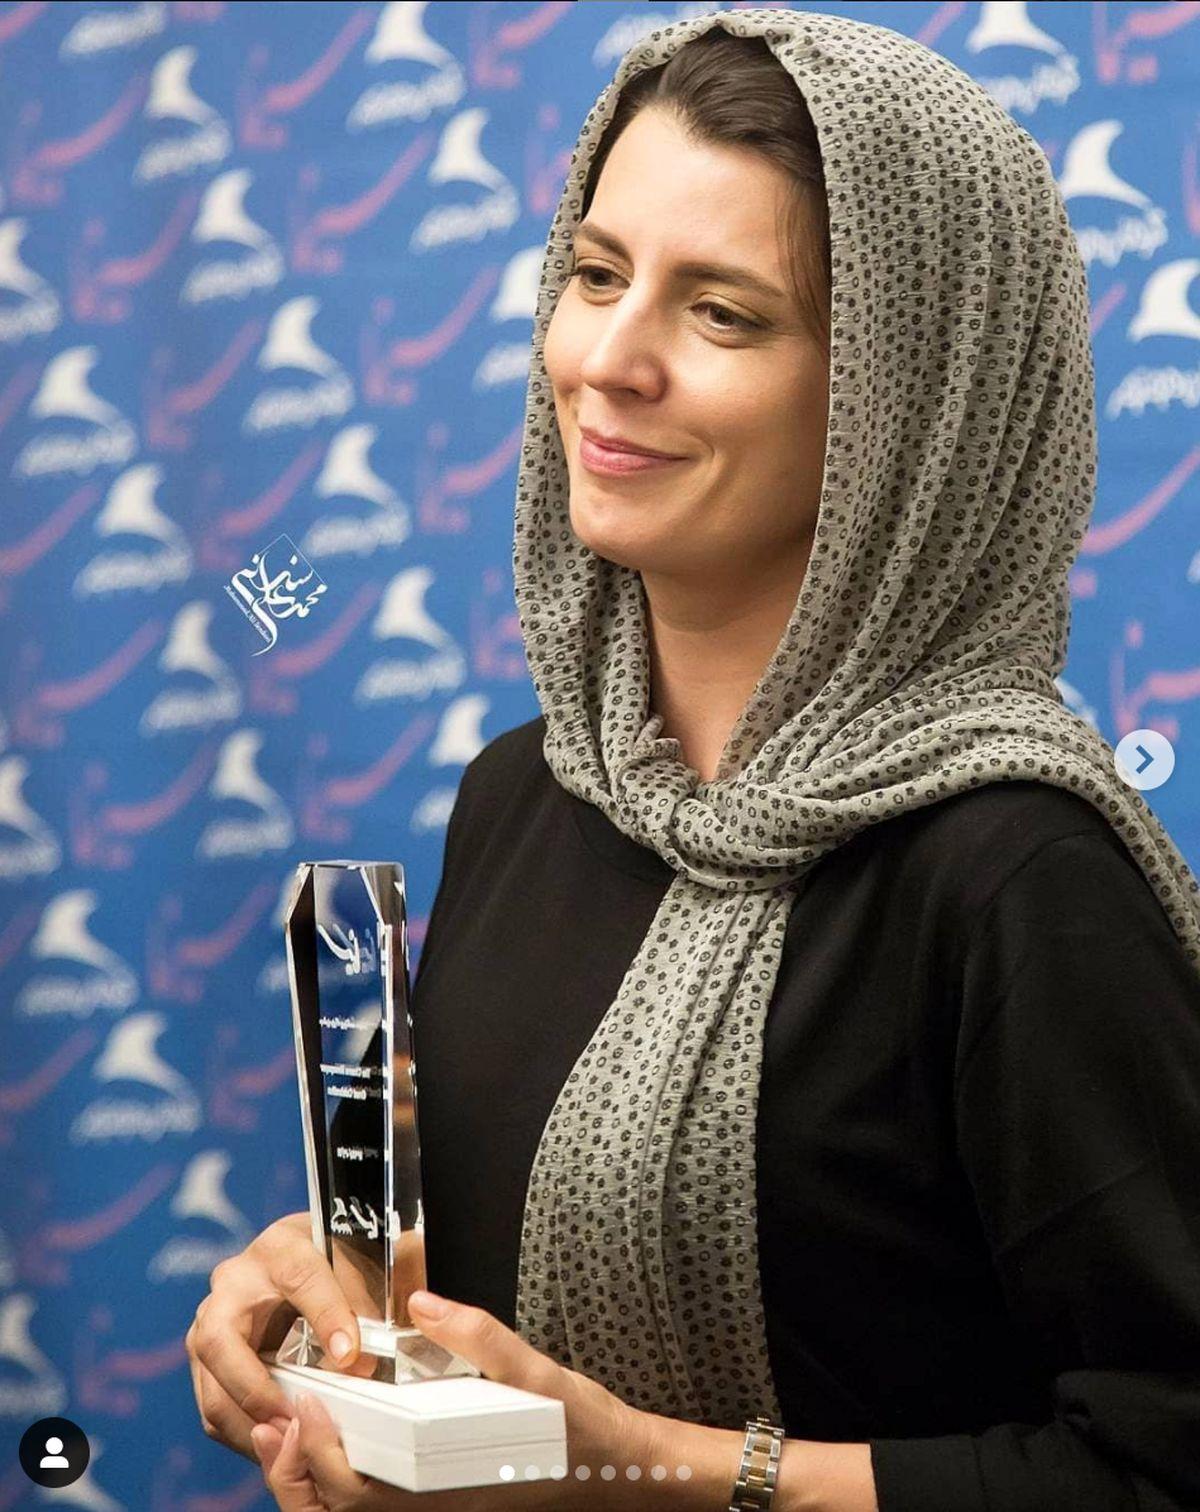 لیلا حاتمی در فیلم کارگردان مطرح آمریکایی بازی میکند